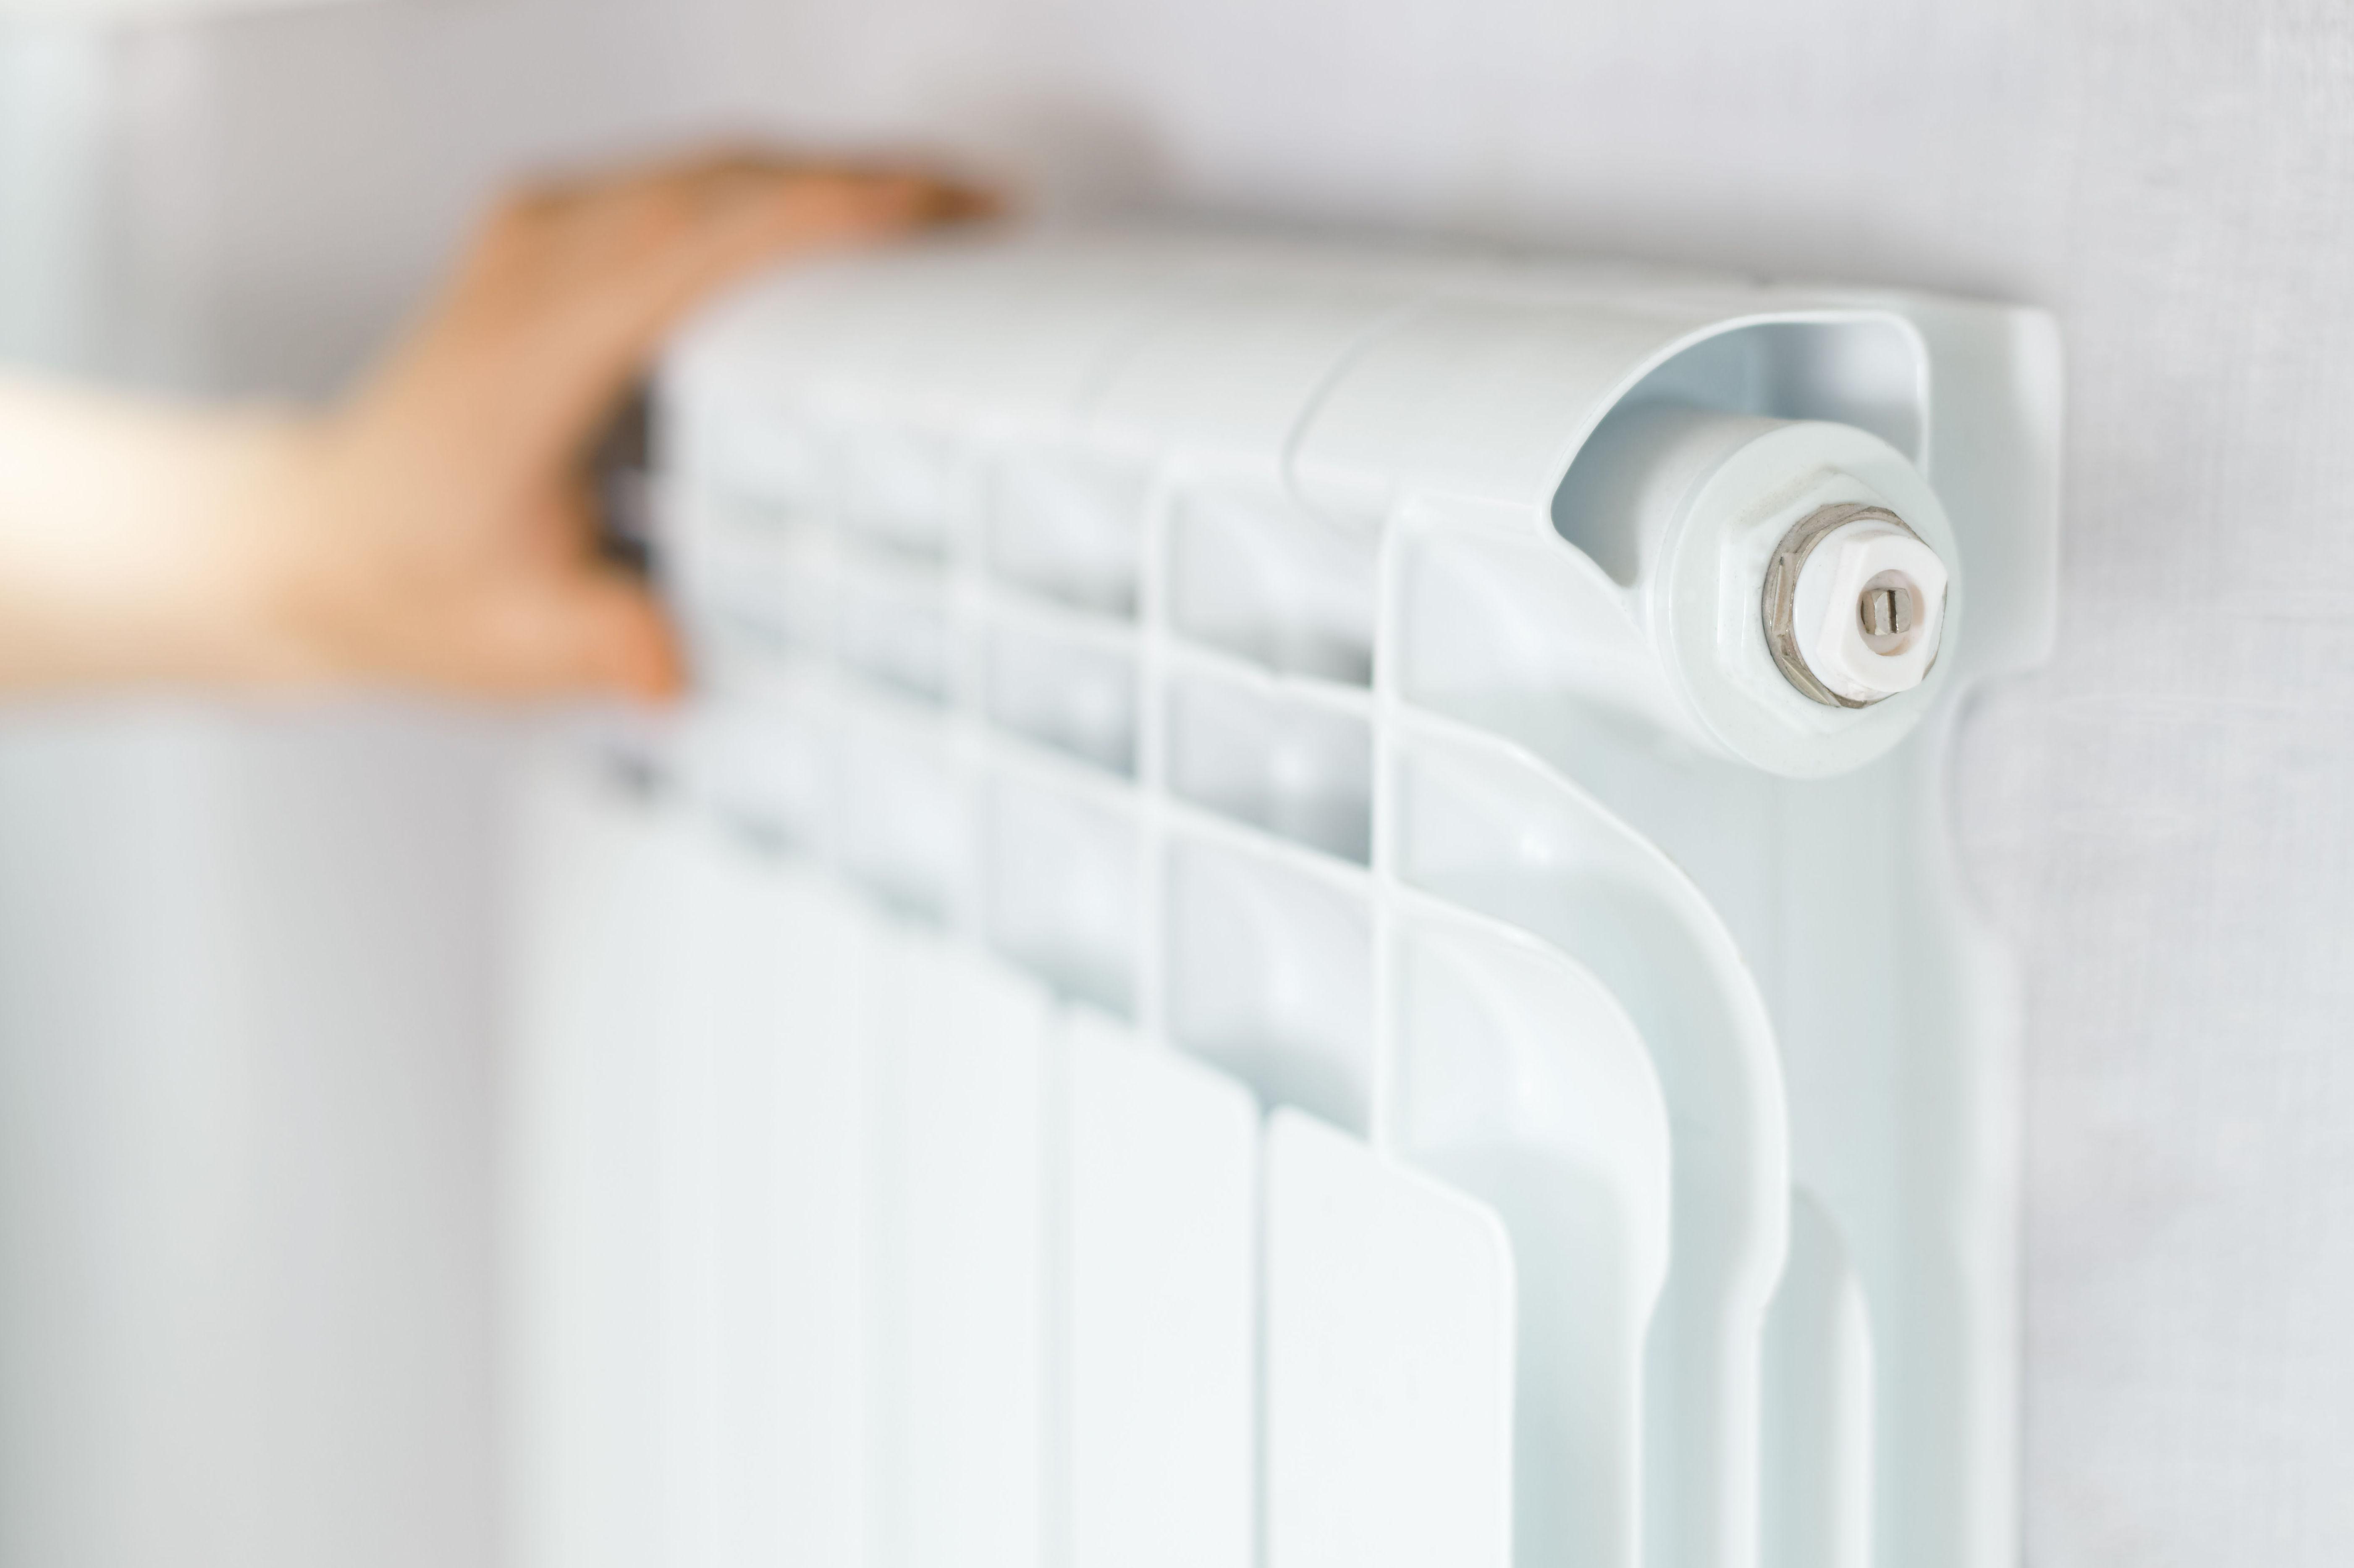 Obligatoriedad de instalar repartidores de costes de calefacción junto con válvulas termoestáticas